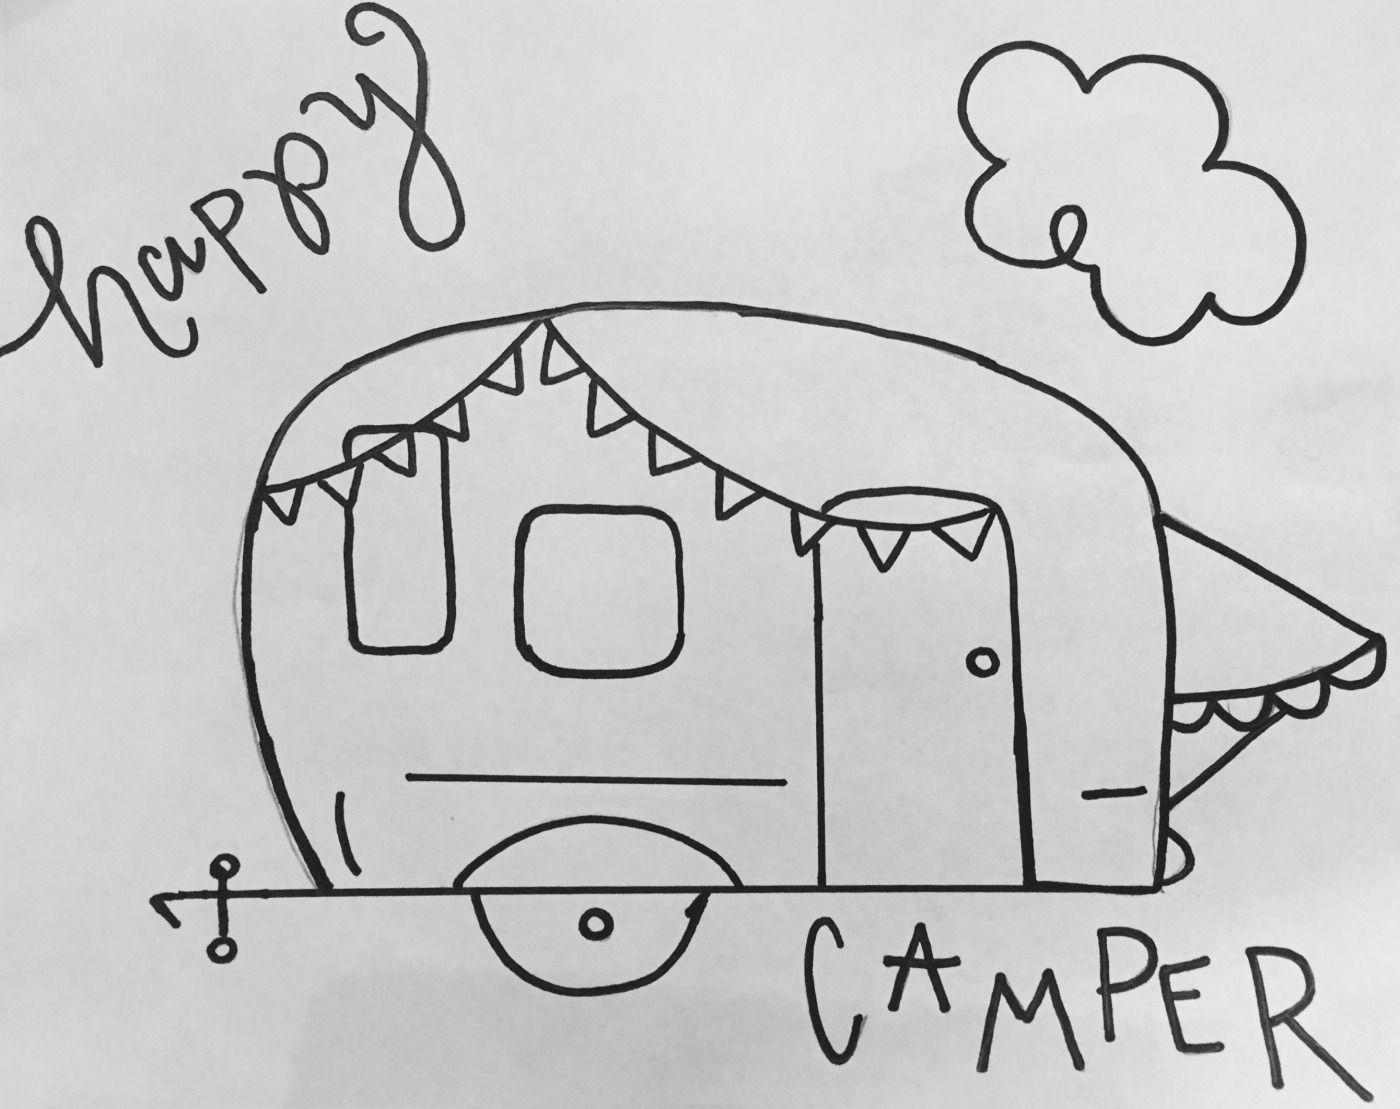 - FREE HAPPY CAMPER CHALKBOARD STENCIL & TUTORIAL Chalkboard